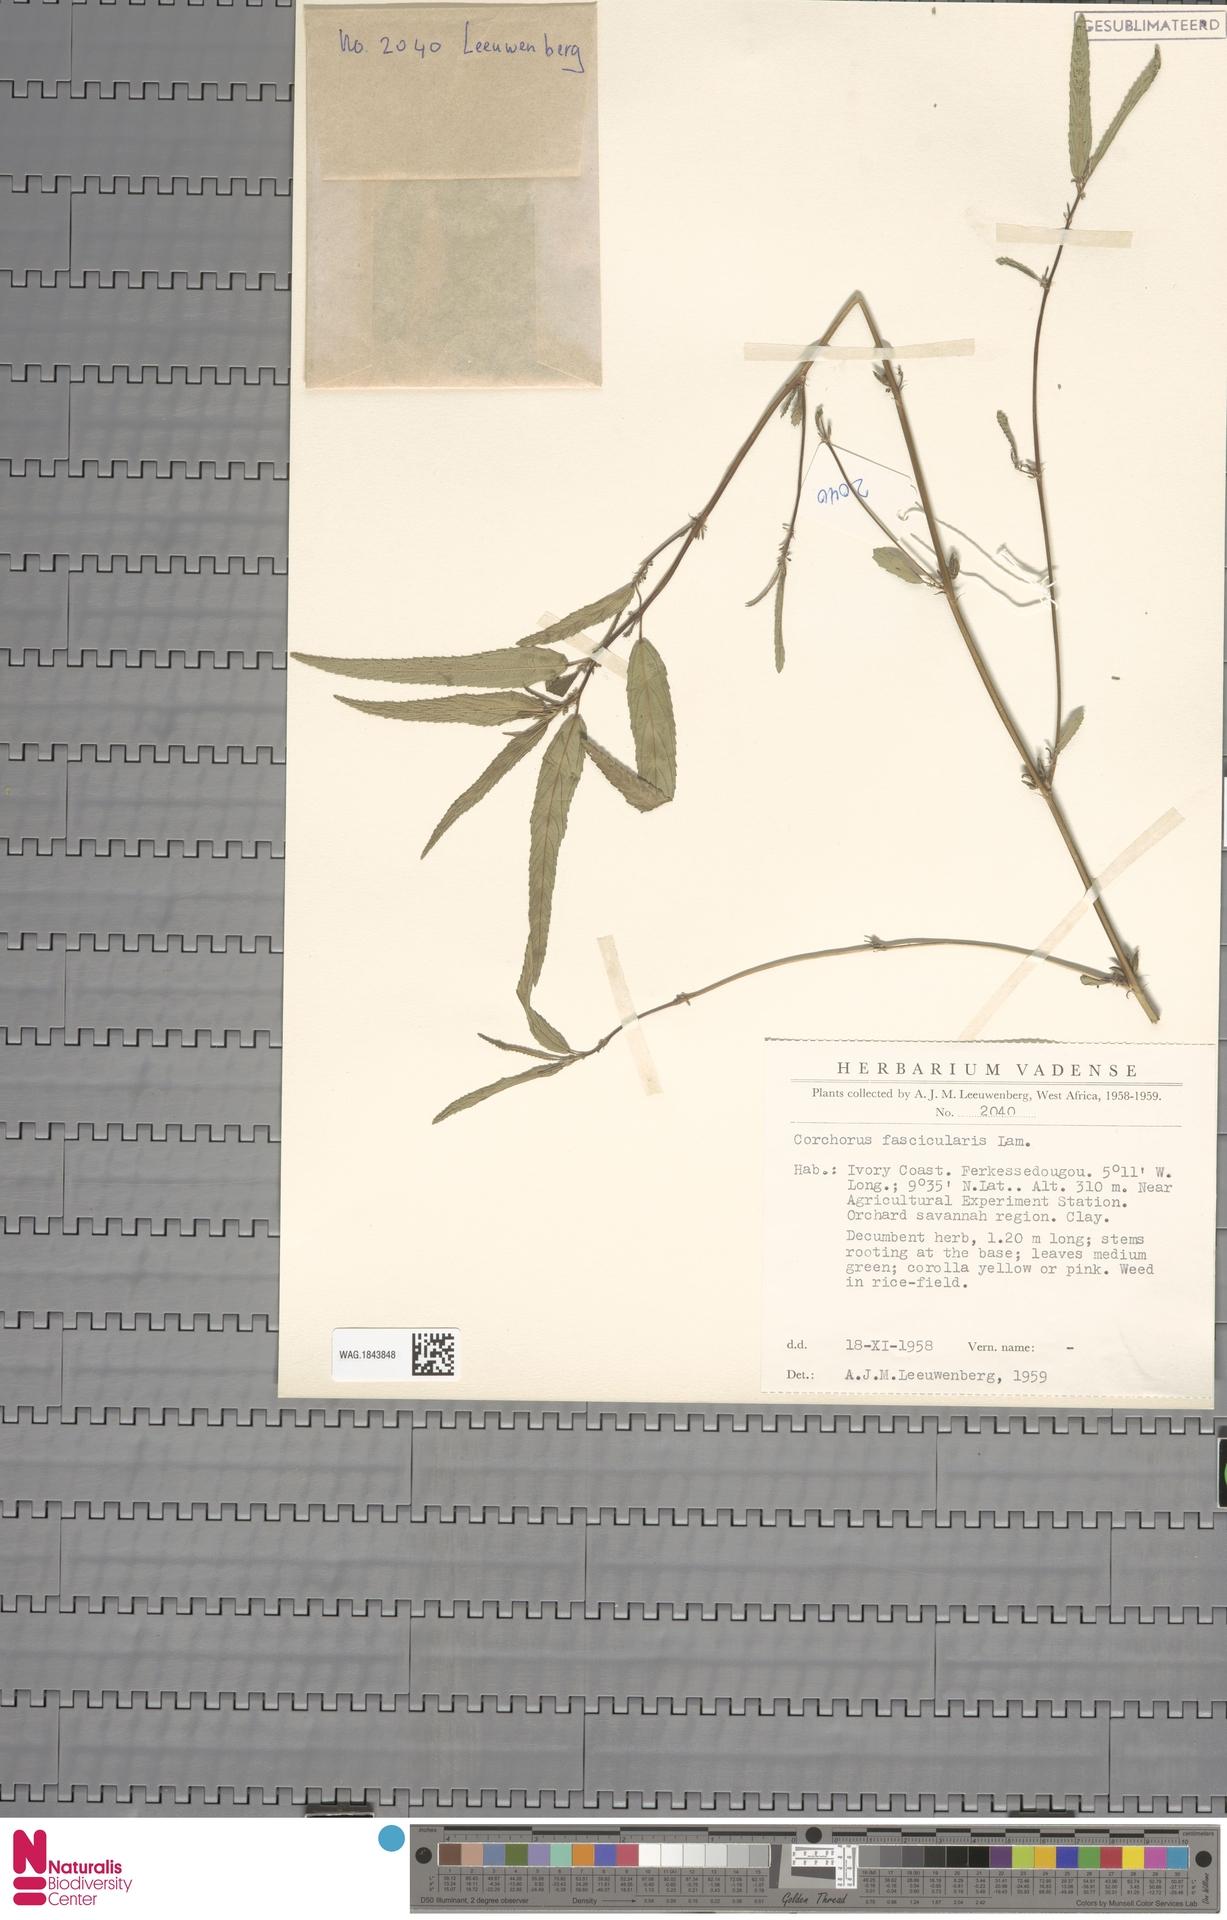 WAG.1843848 | Corchorus fascicularis Lam.